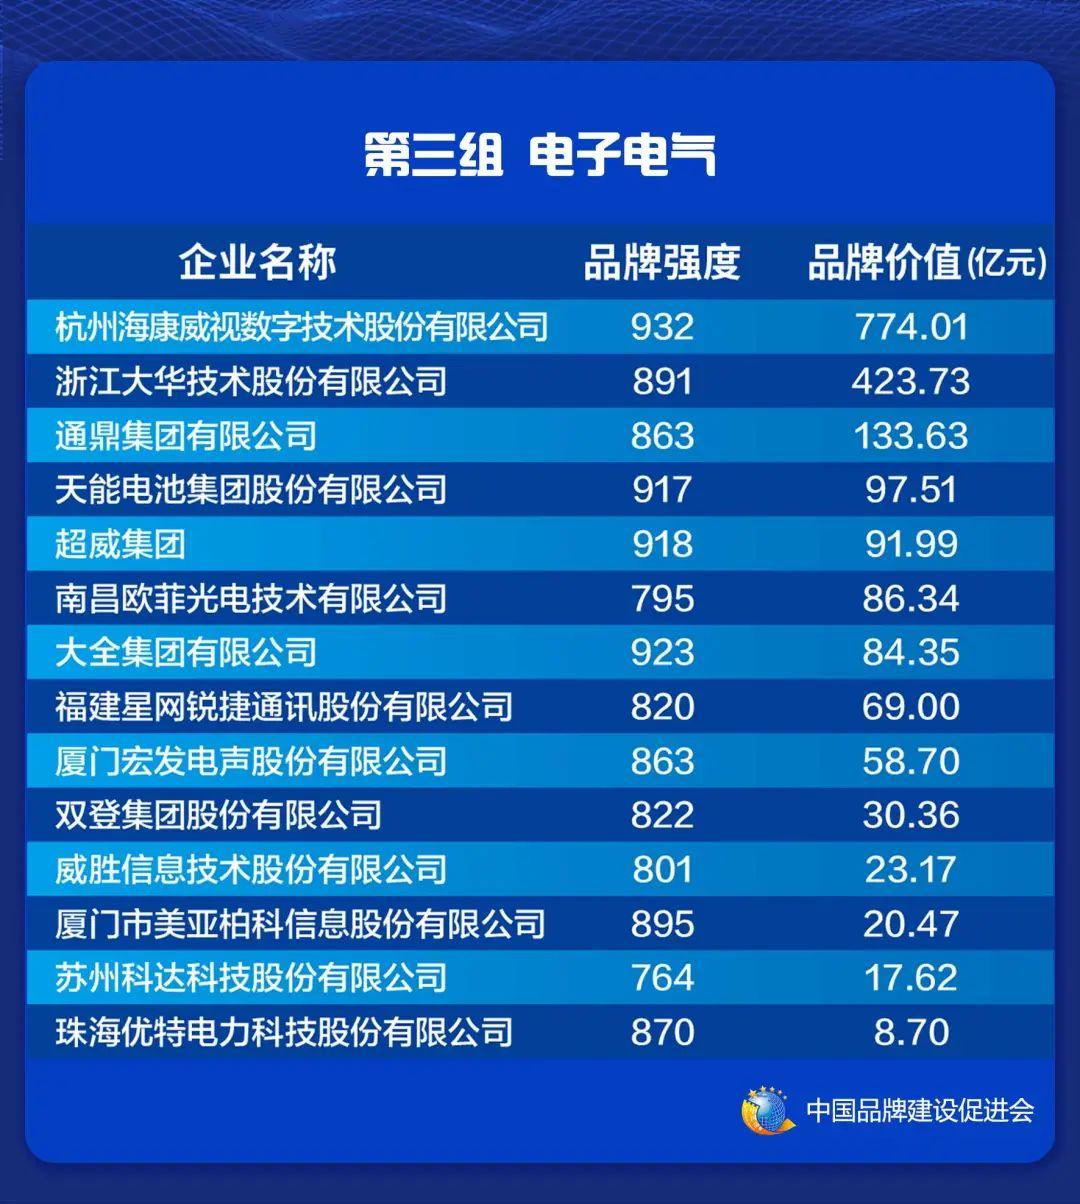 2021中国品牌价值评价信息在上海发布(图5)